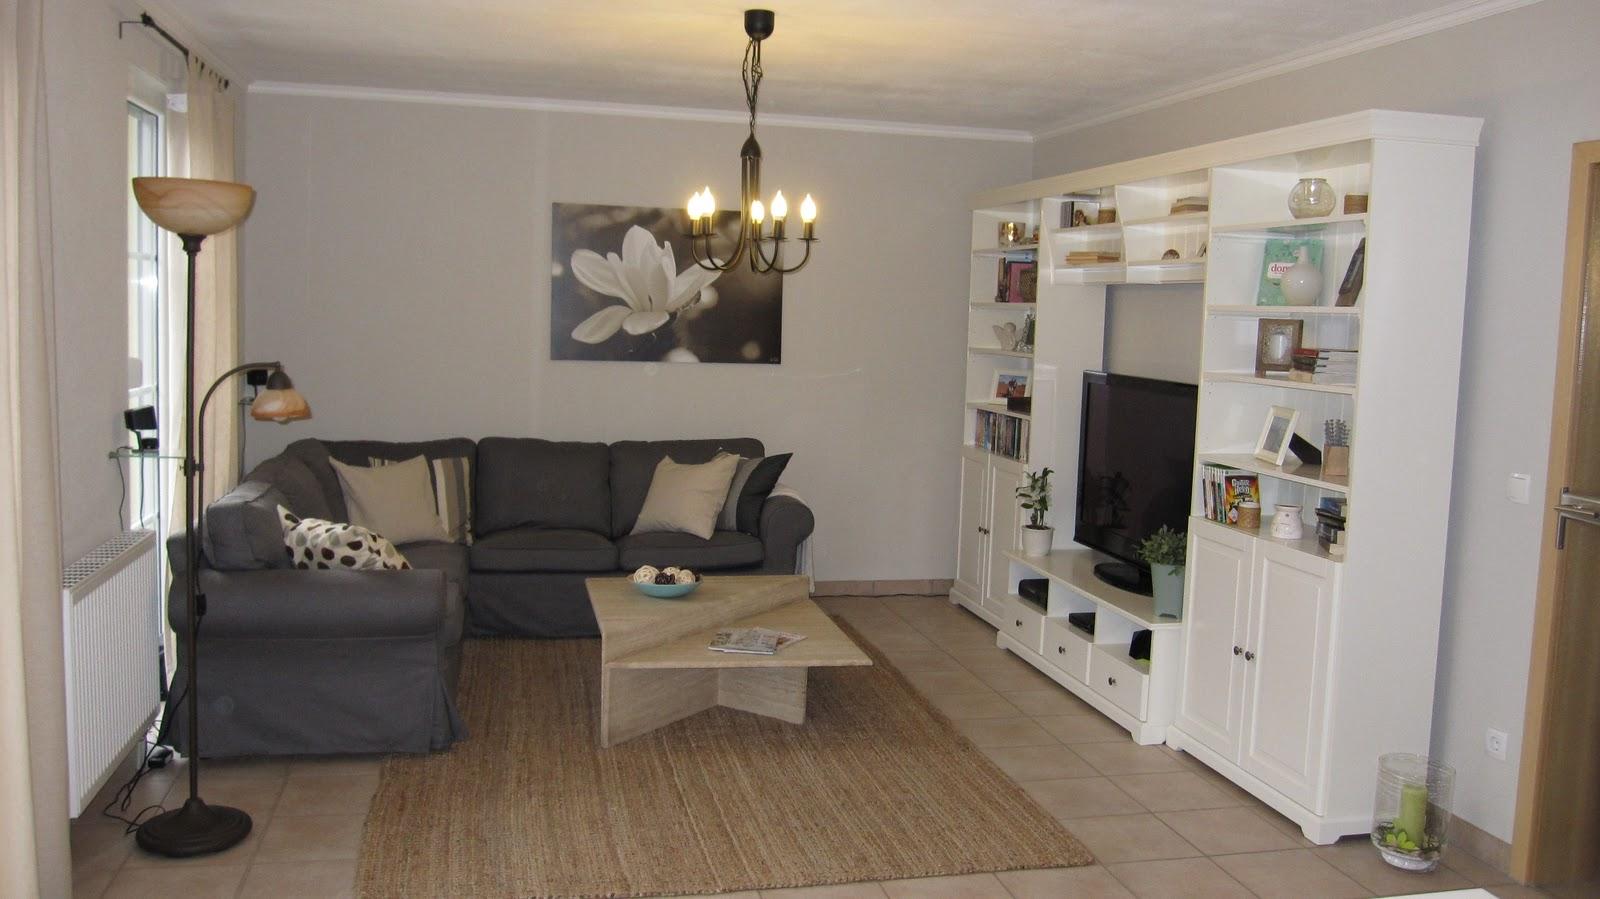 ikea hemnes wohnzimmer bnbnewsco modernes haus. keyword ...